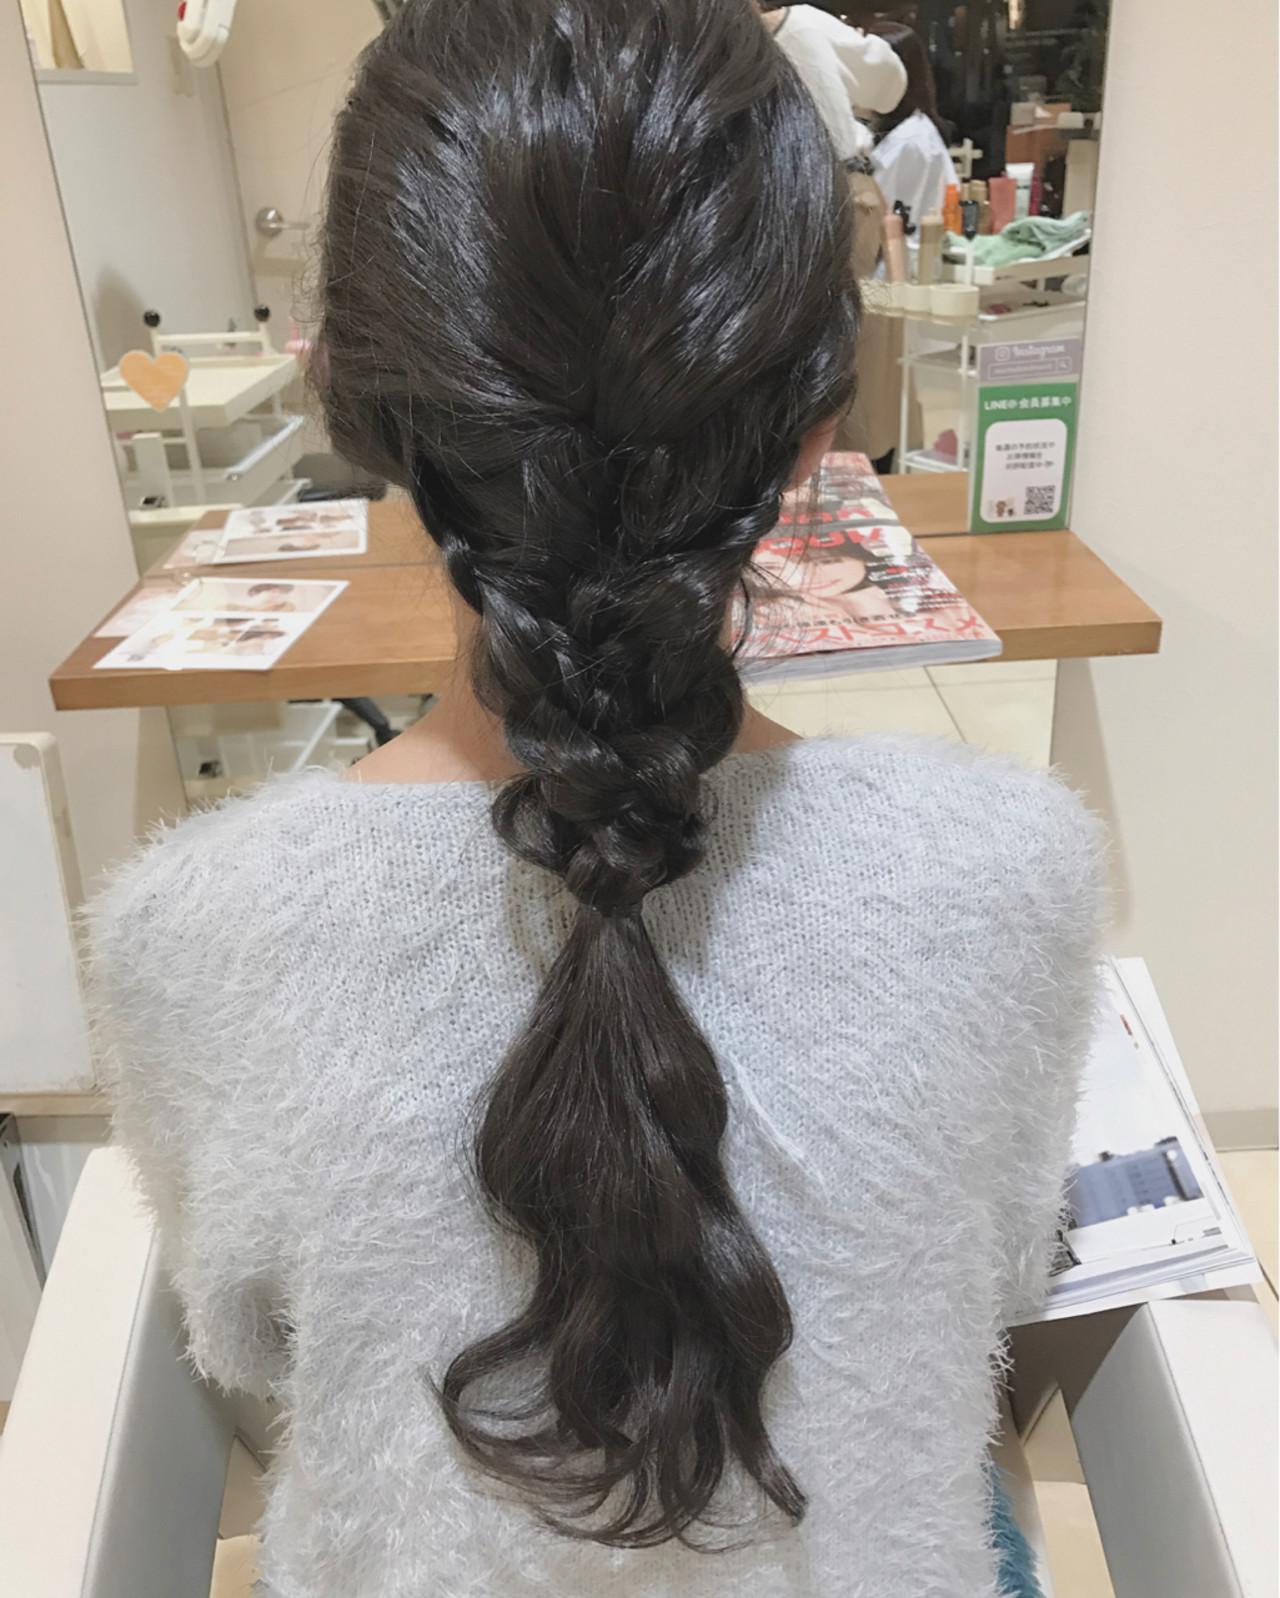 ショート 大人かわいい ヘアアレンジ 簡単ヘアアレンジ ヘアスタイルや髪型の写真・画像 | 小田 孝一 / Oase makoto brands